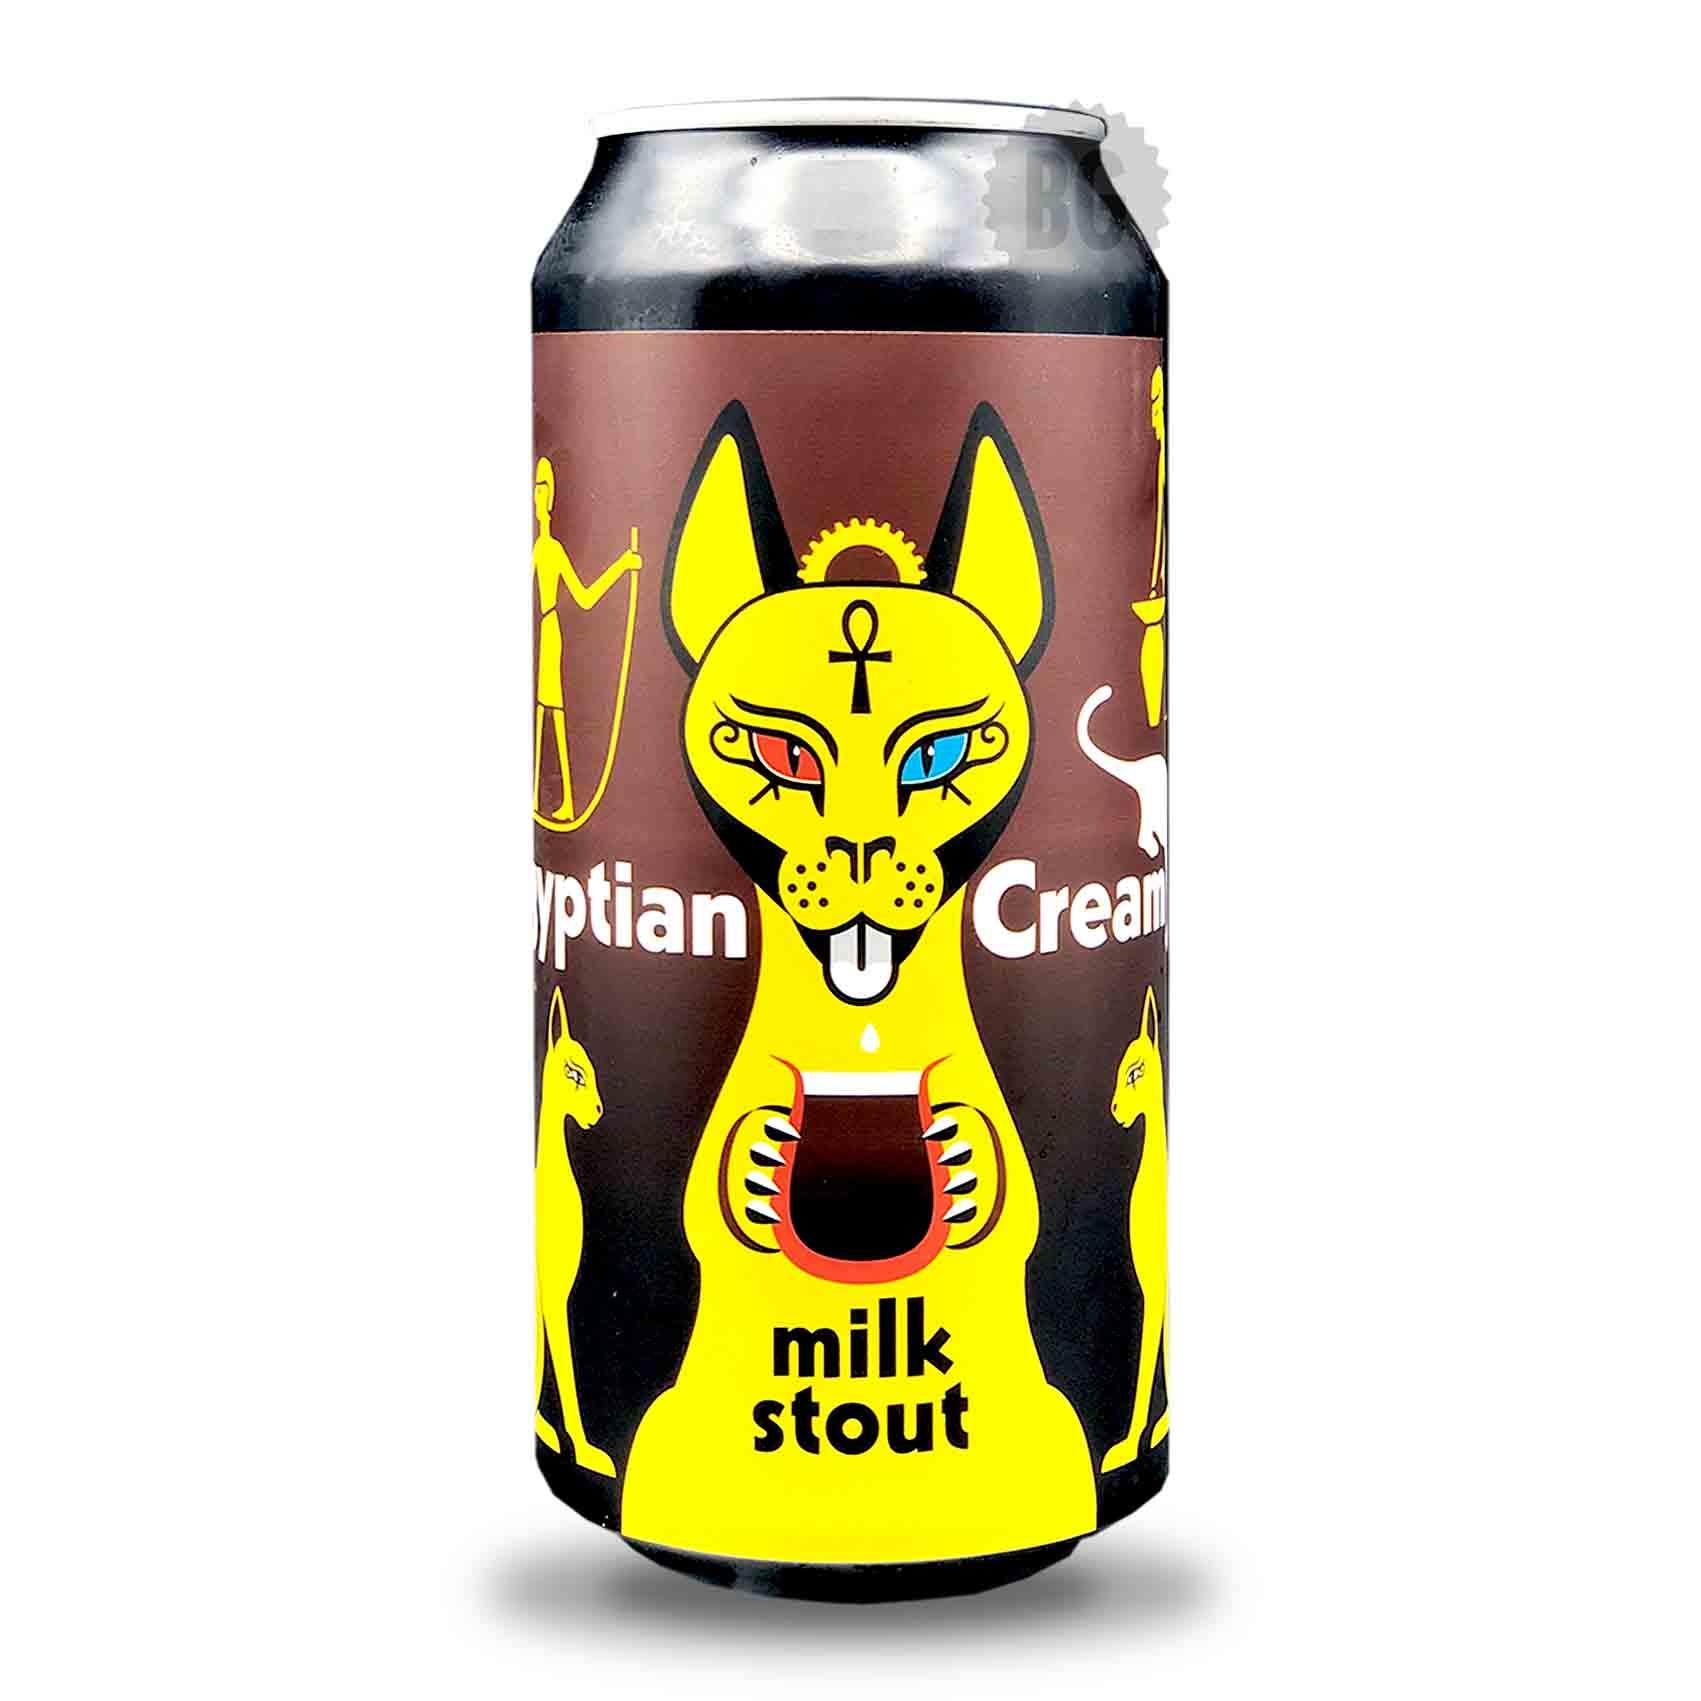 Nene Valley | Egyptian Cream | Milk Stout Gluten Free 4.5% 440ml